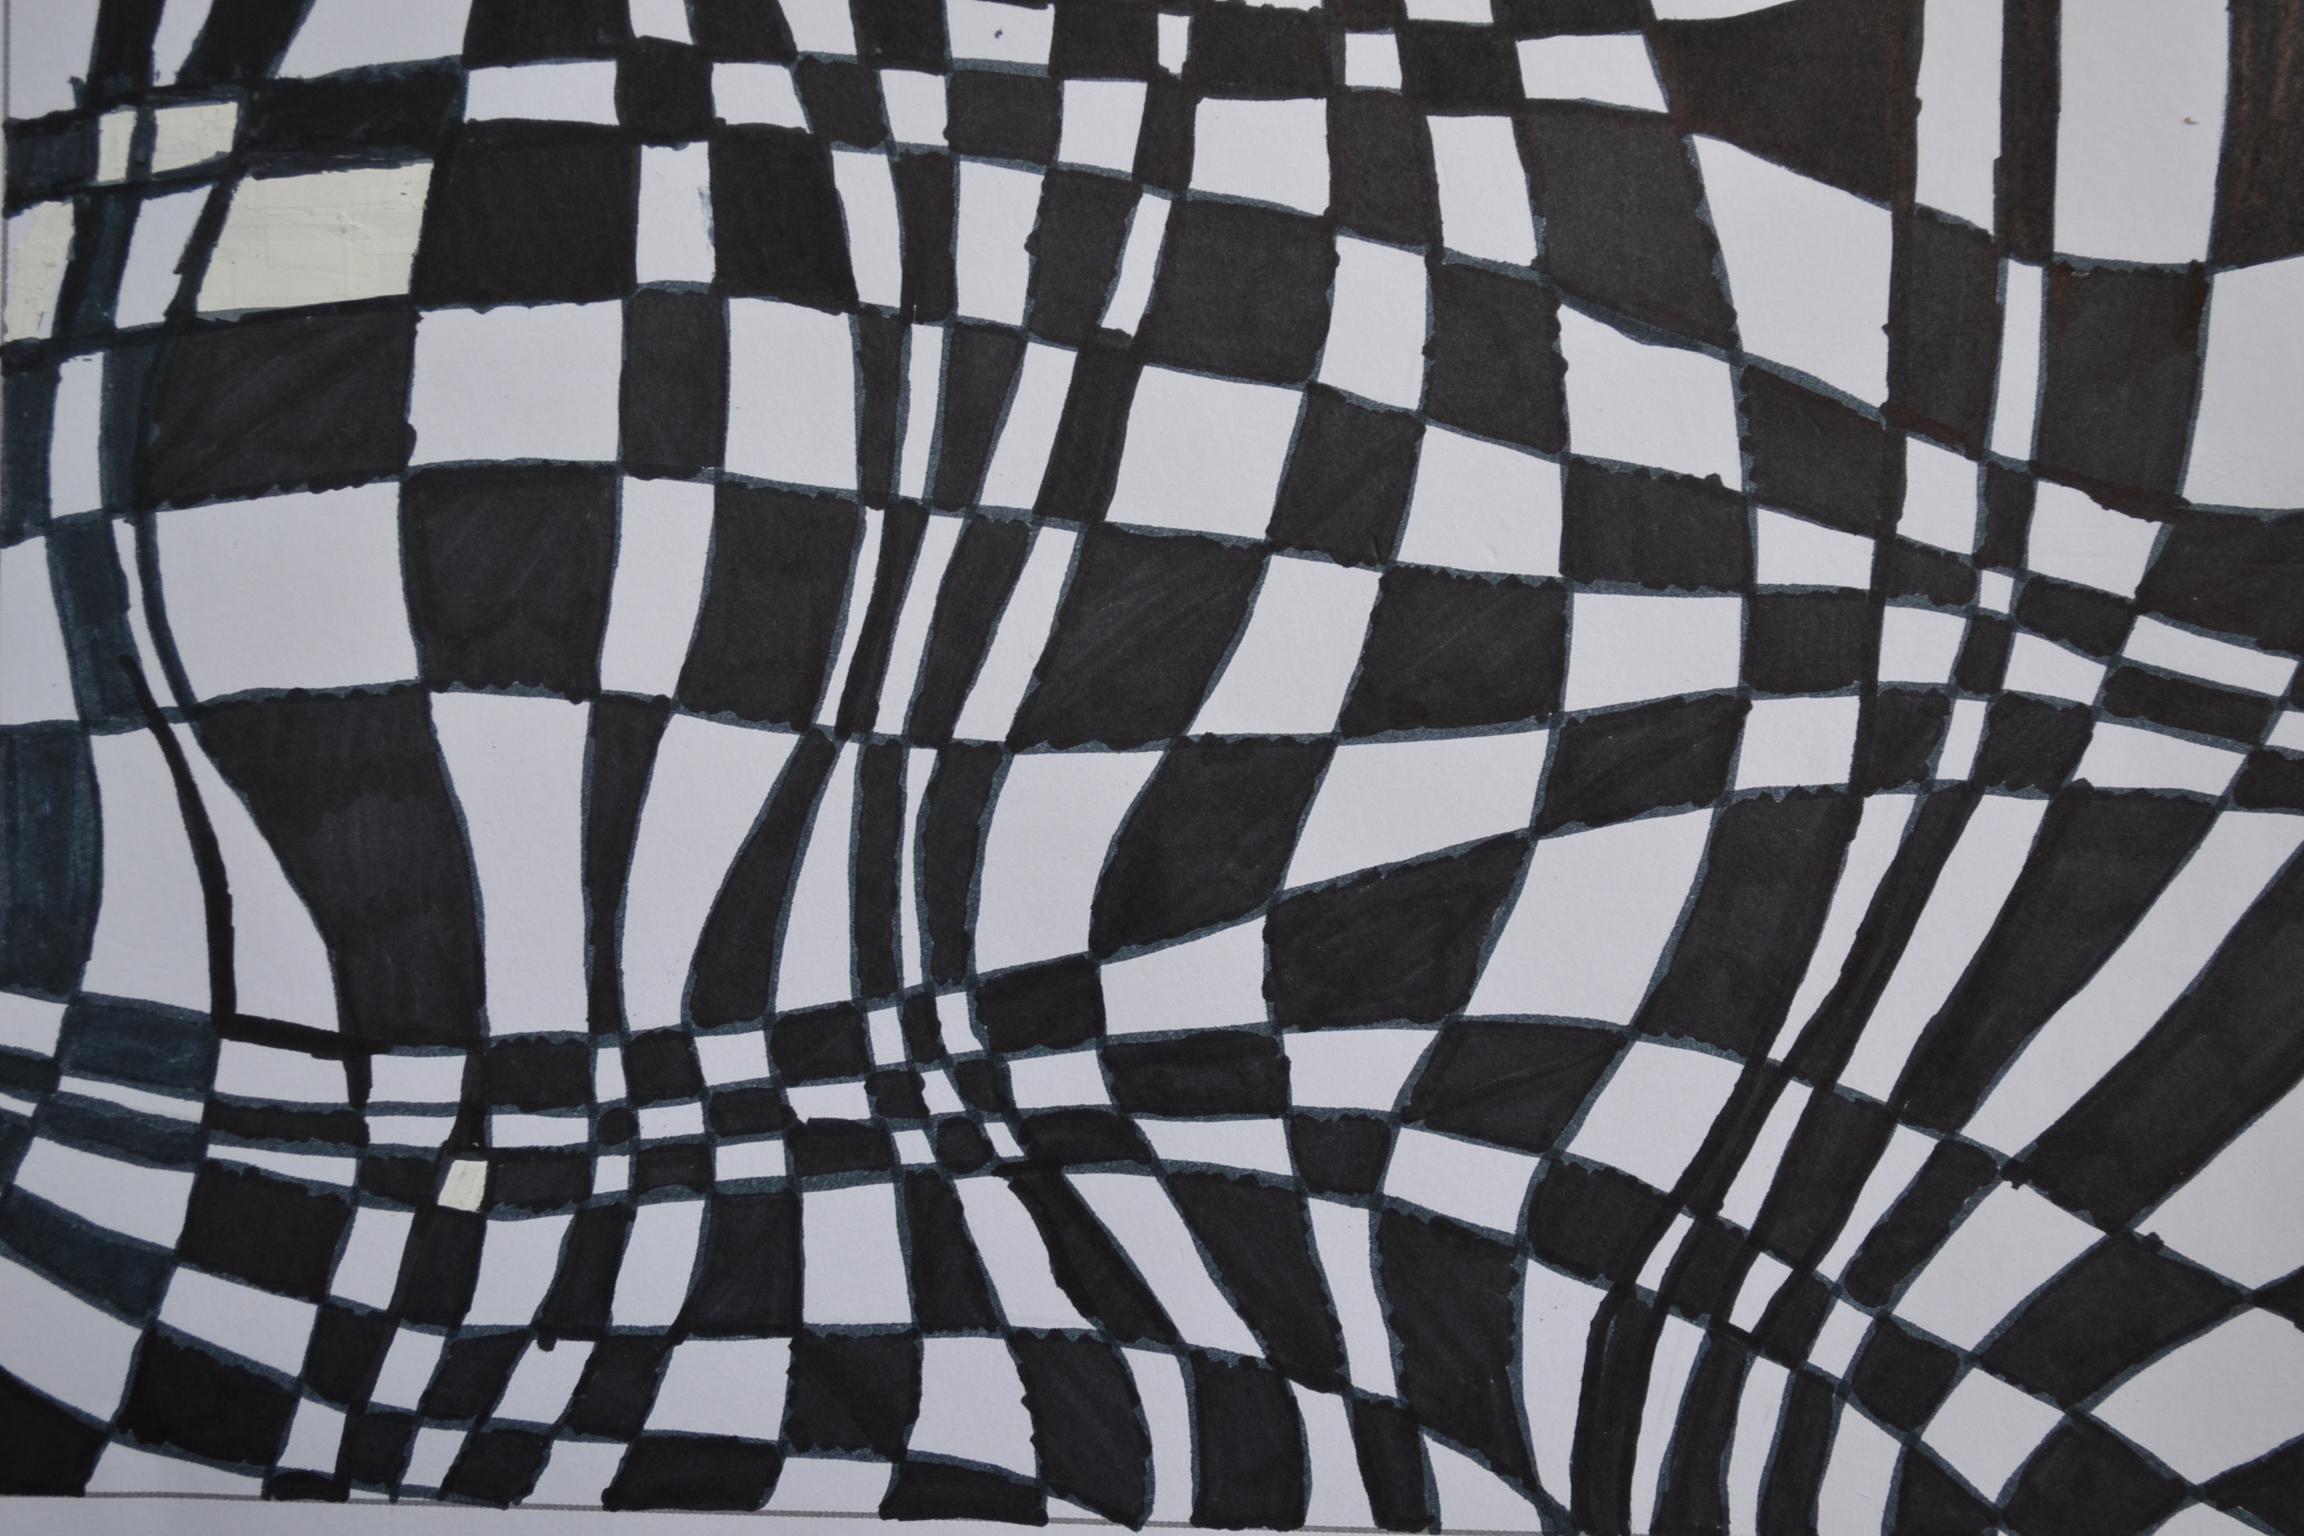 Ilusiones pticas en epv blog de 3 e s o - Ilusiones opticas para imprimir ...